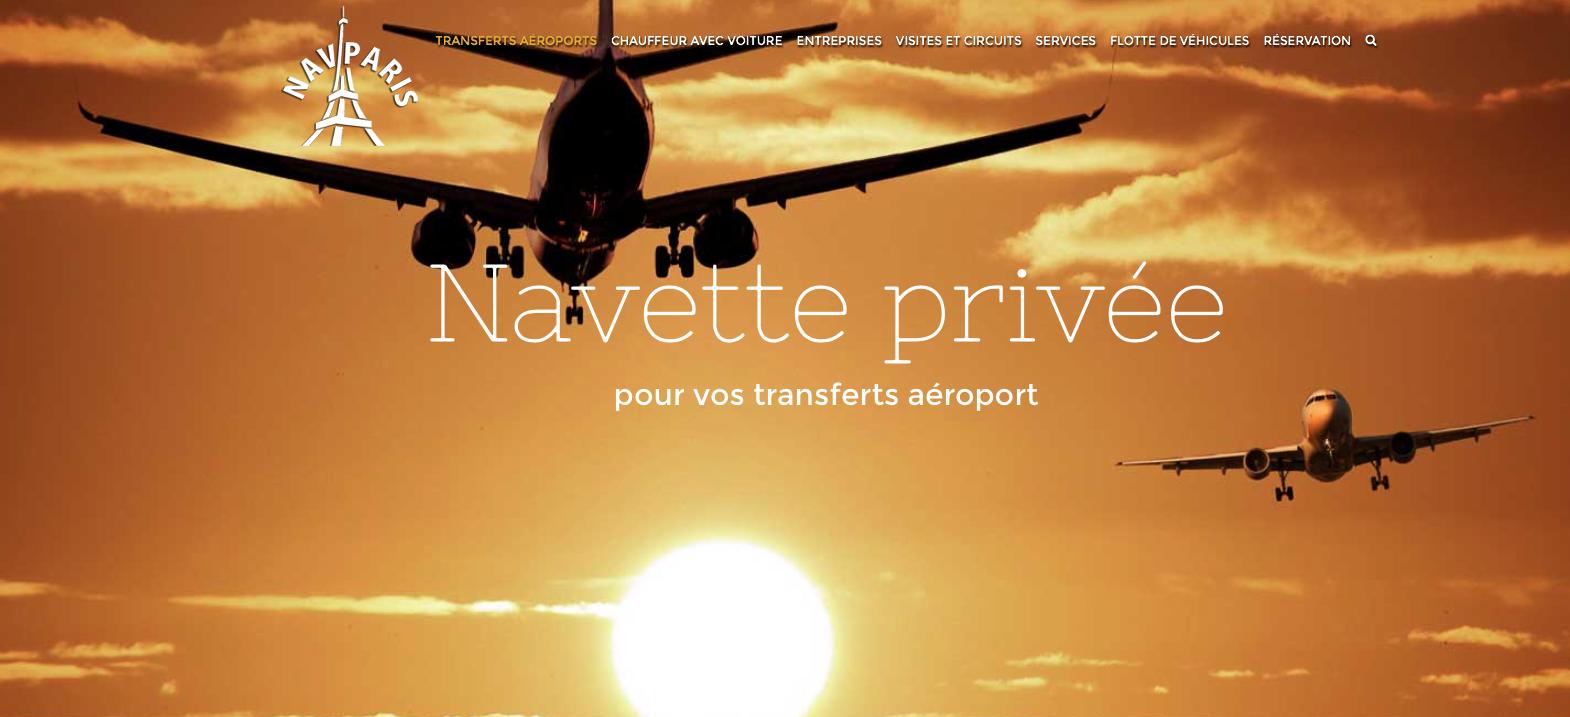 Navparis租车公司 Atenao翻译公司 法语网站翻译为英语